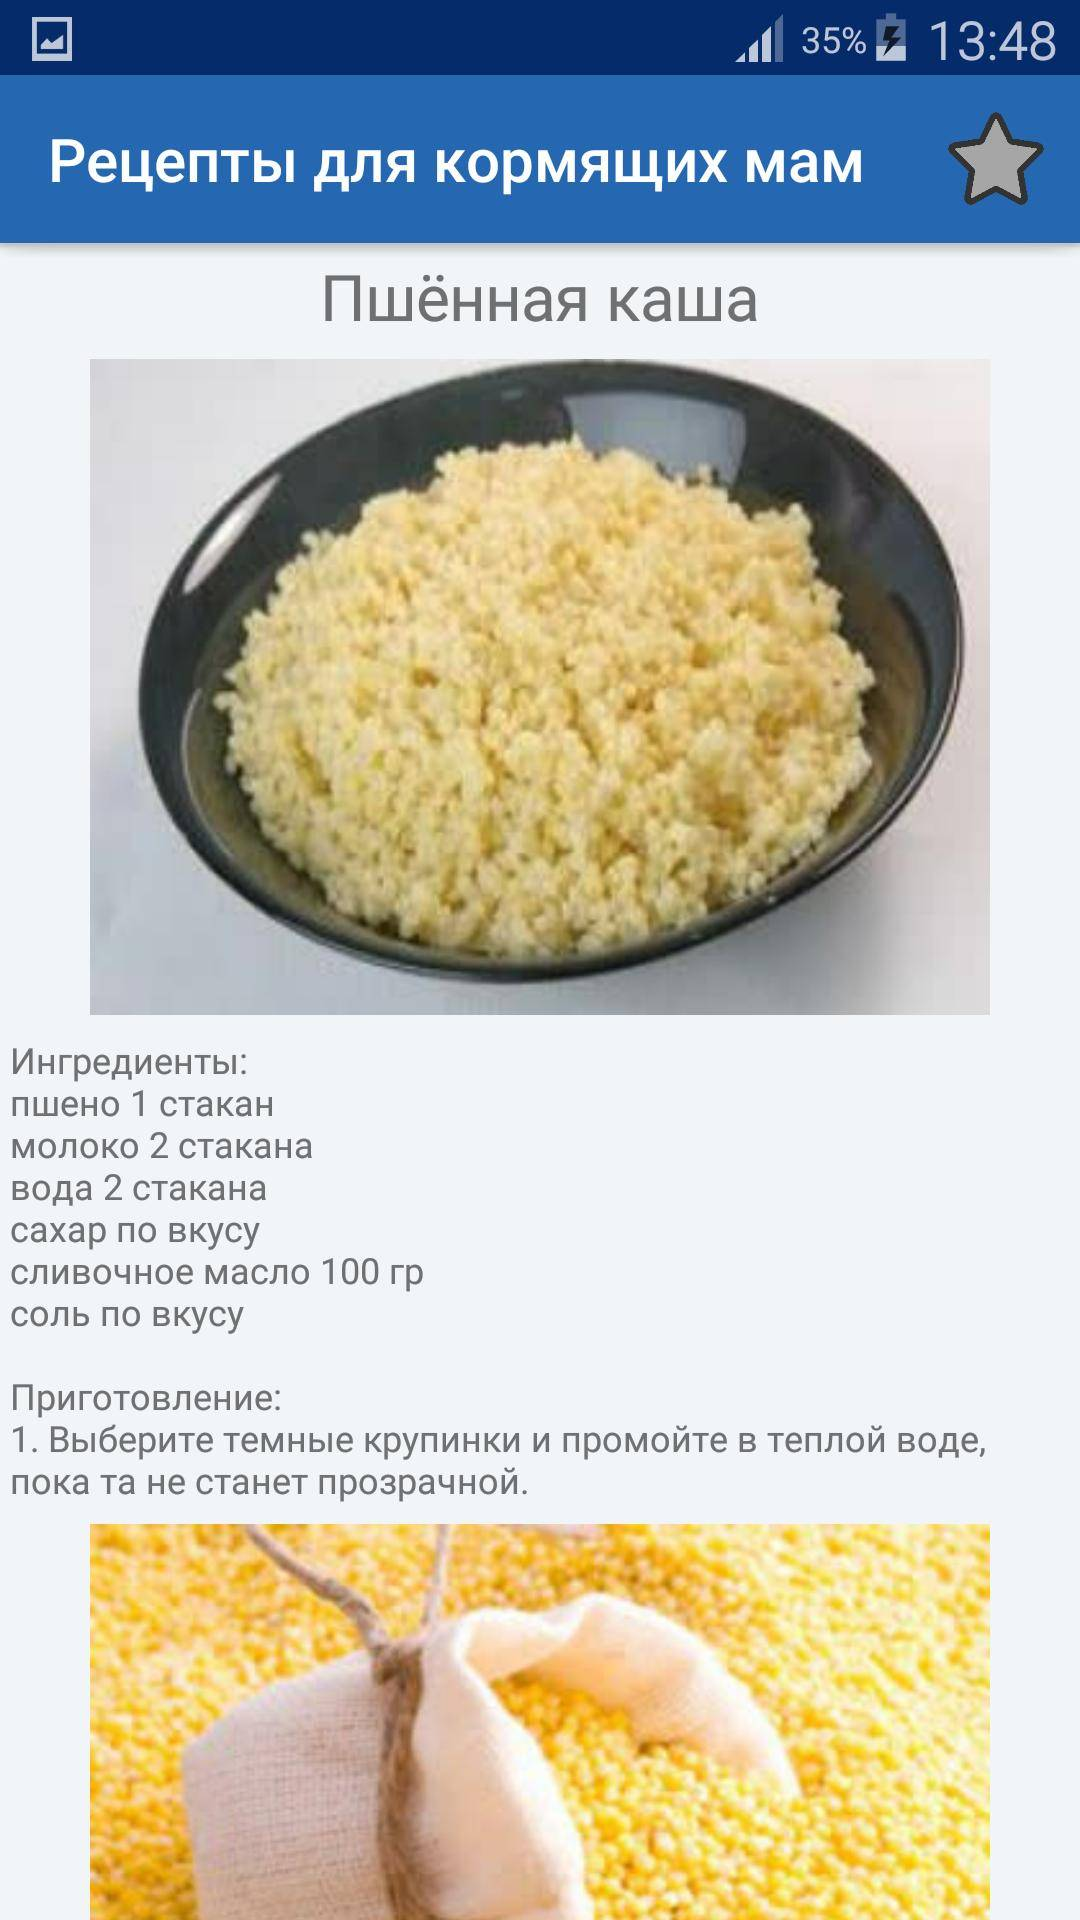 Выпечка для кормящих, рецепты маме в период кормления грудью, печеное при гв